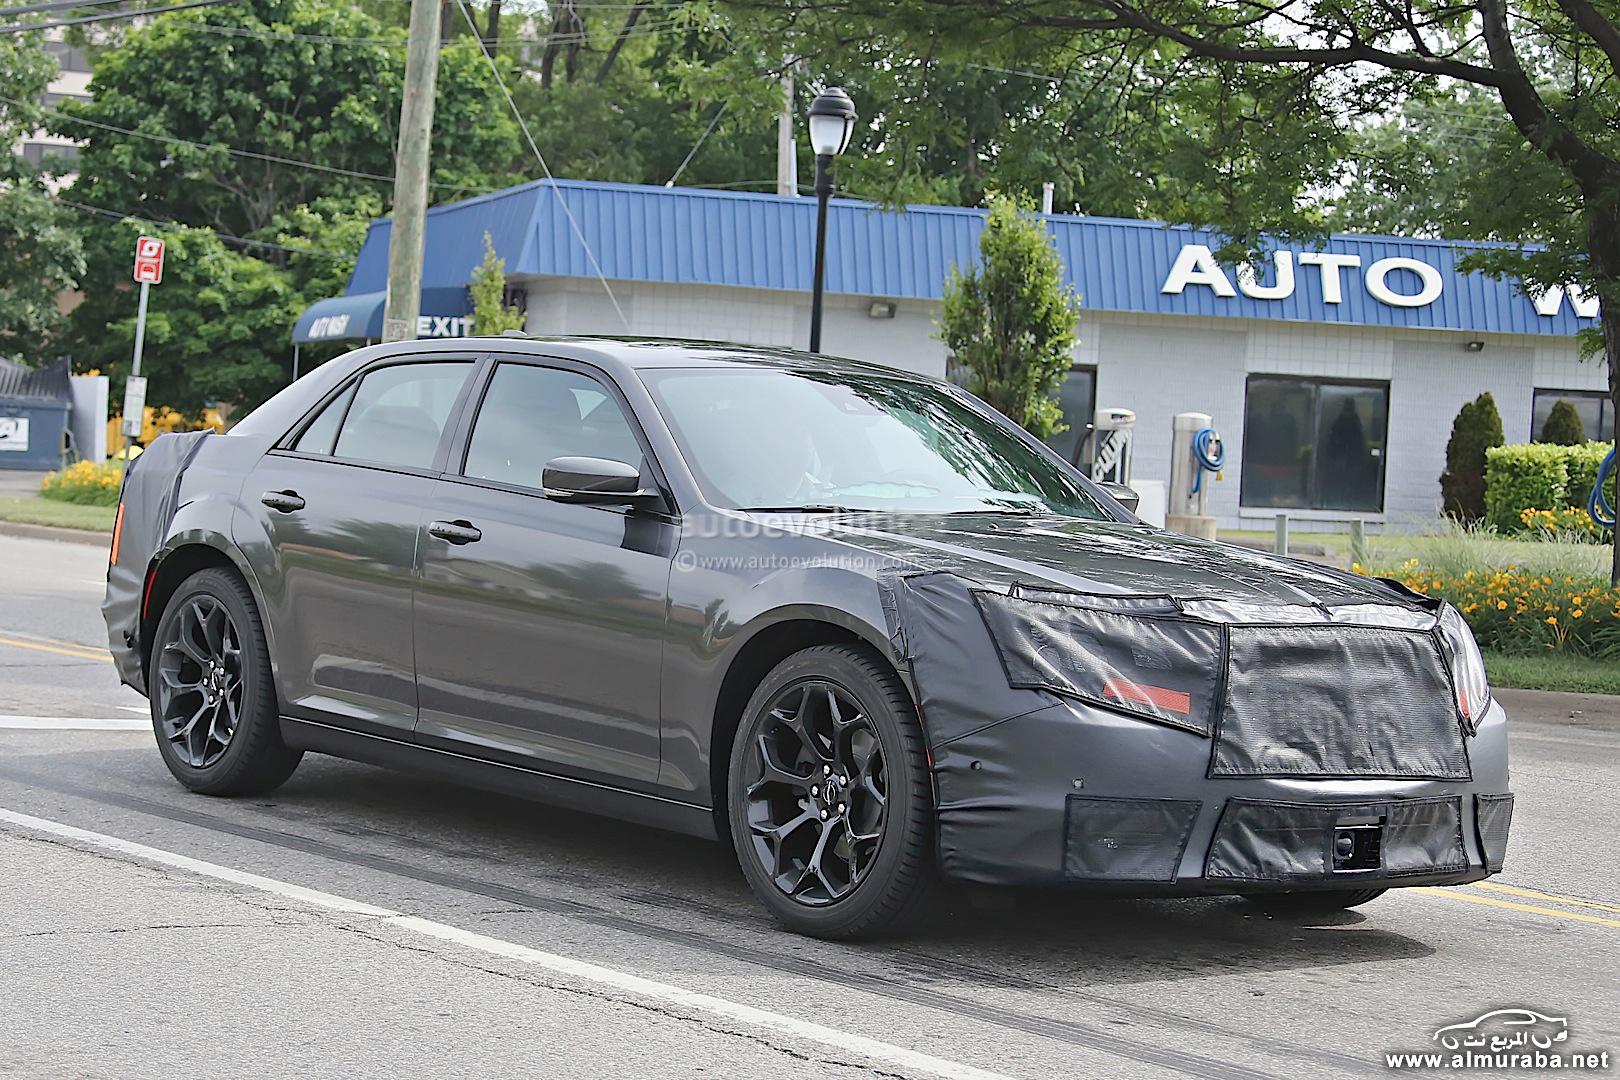 كرايسلر 300 2015 الجديدة كلياً تظهر اخيراً اثناء اختبارها Chrysler 300 | المربع نت